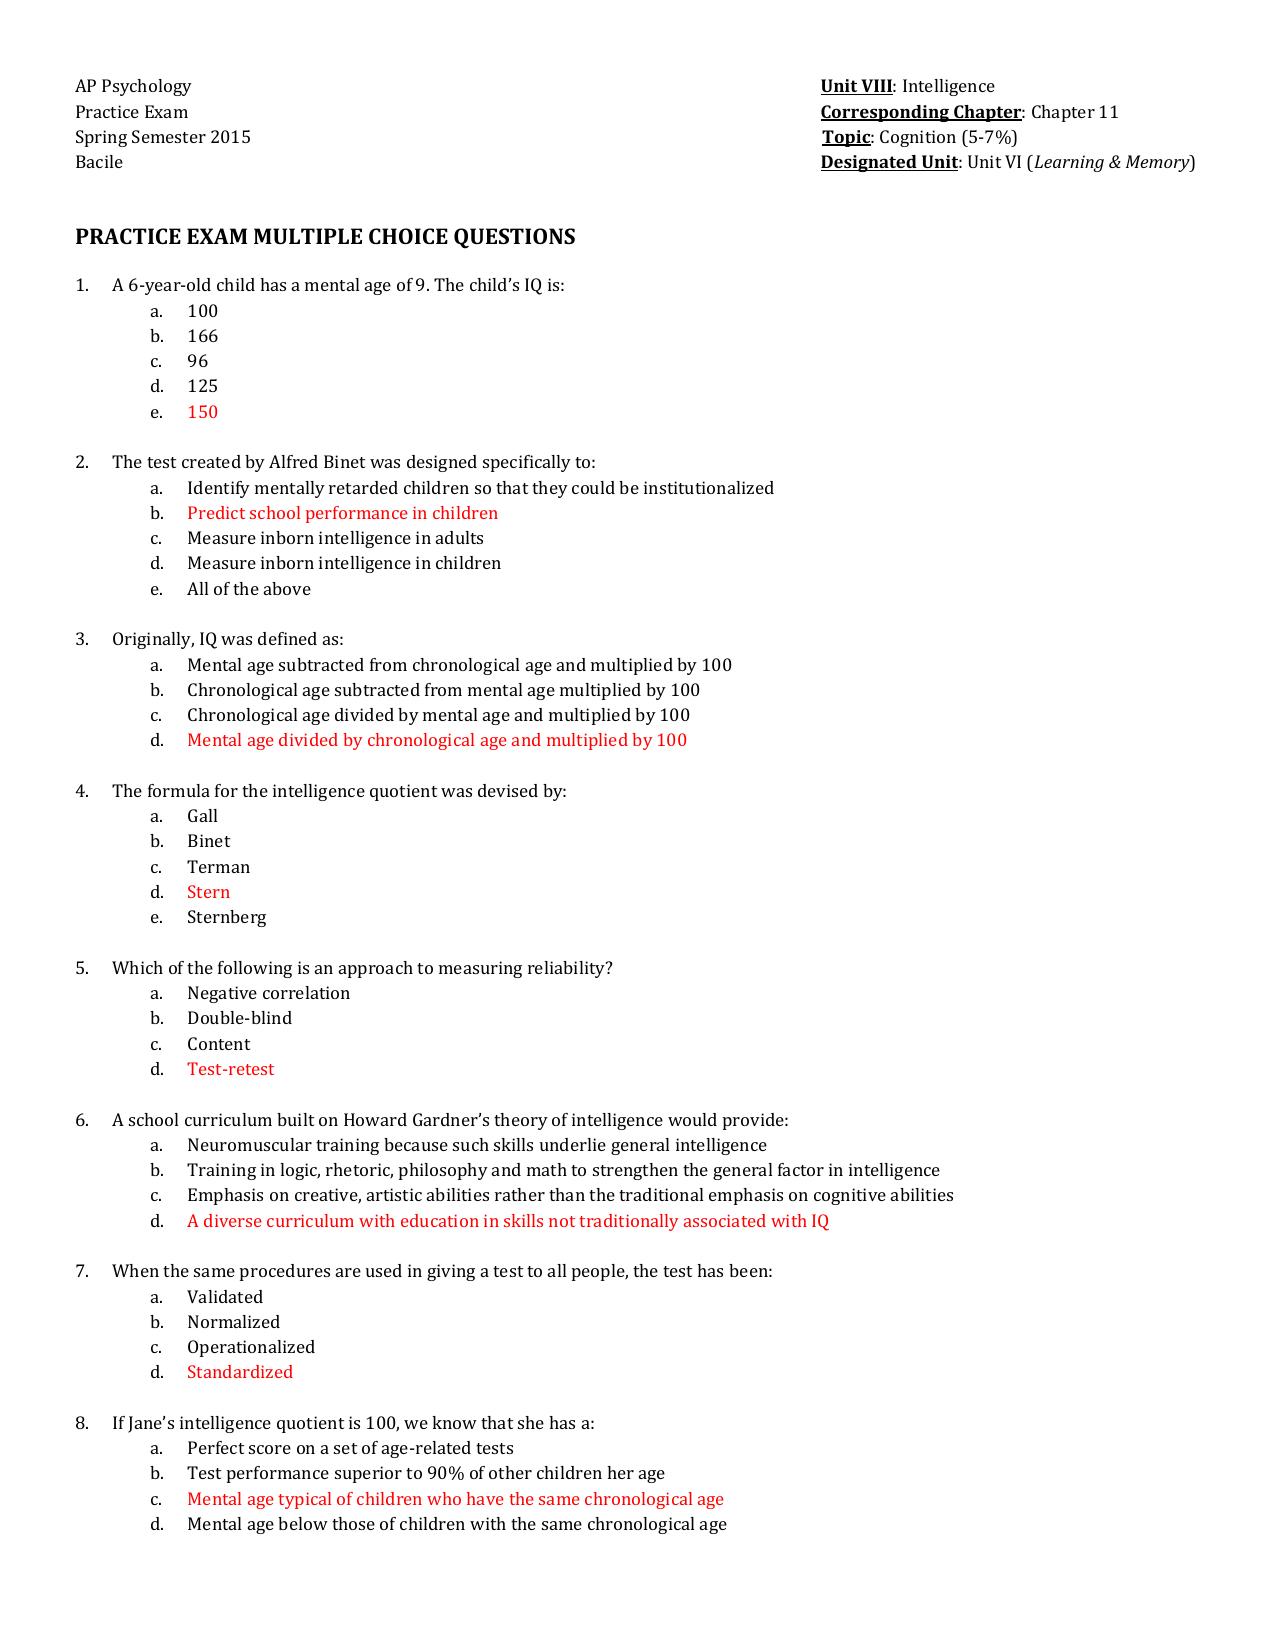 Unit Viii Practice Exam Answer Key Intelligence